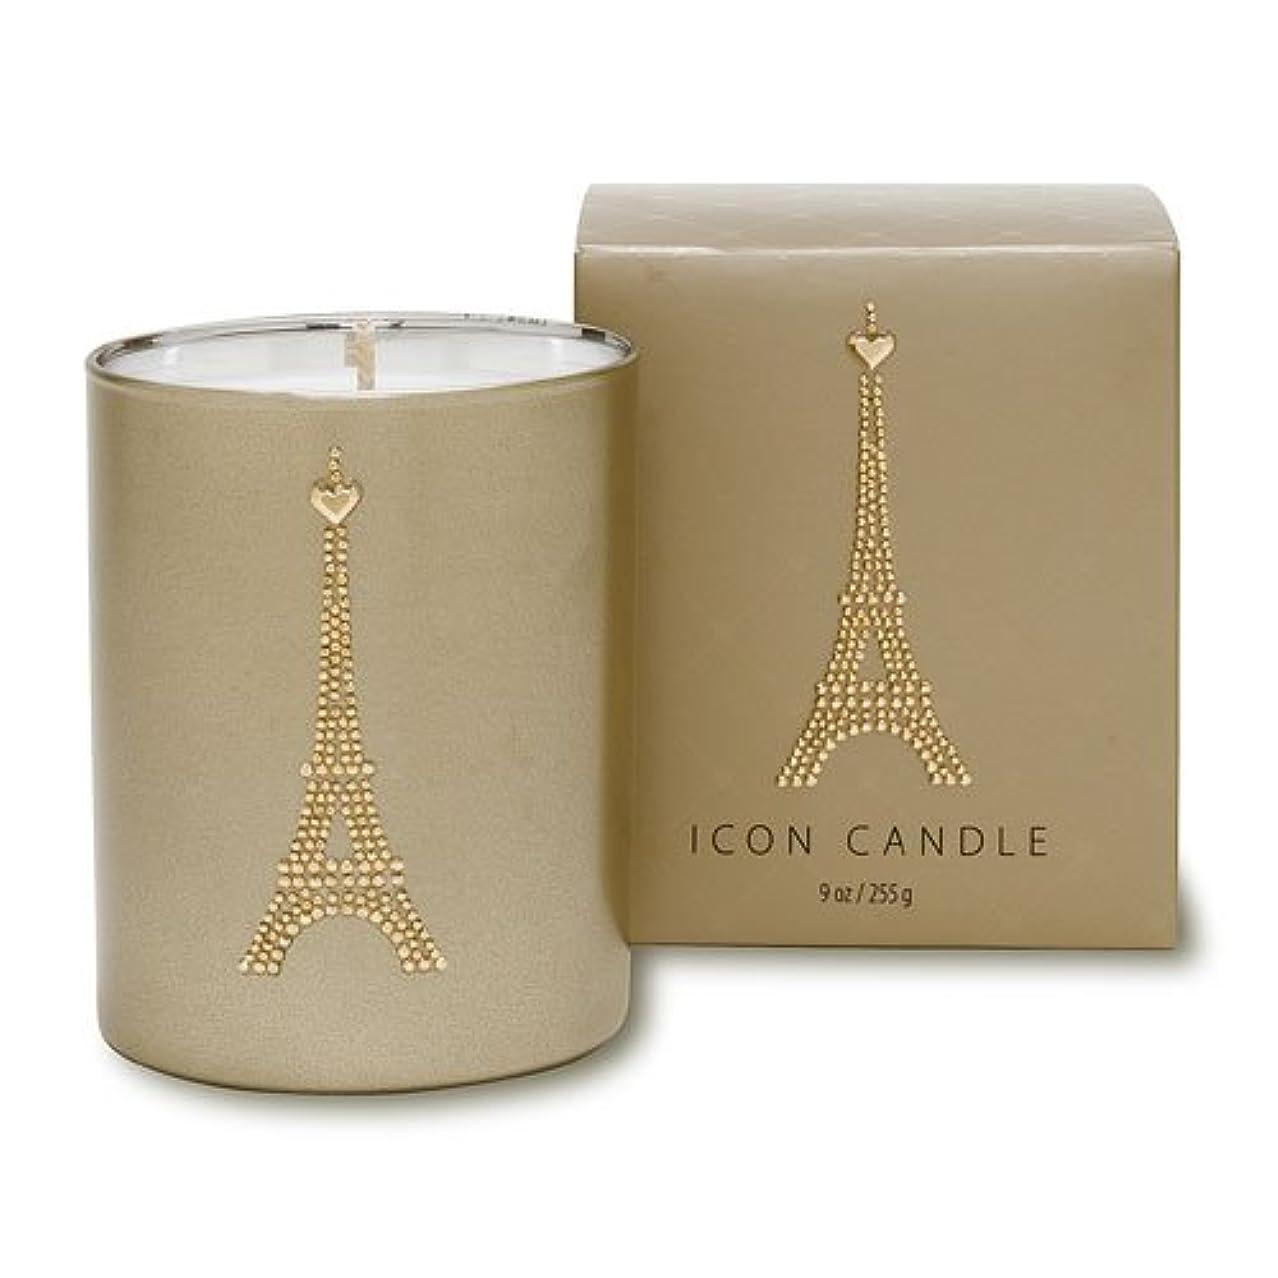 居間申請者手段ヴィンテージ アイコン キャンドル/パリ 洋蘭とスミレ、ブラックベリームスクの香り キャンドル